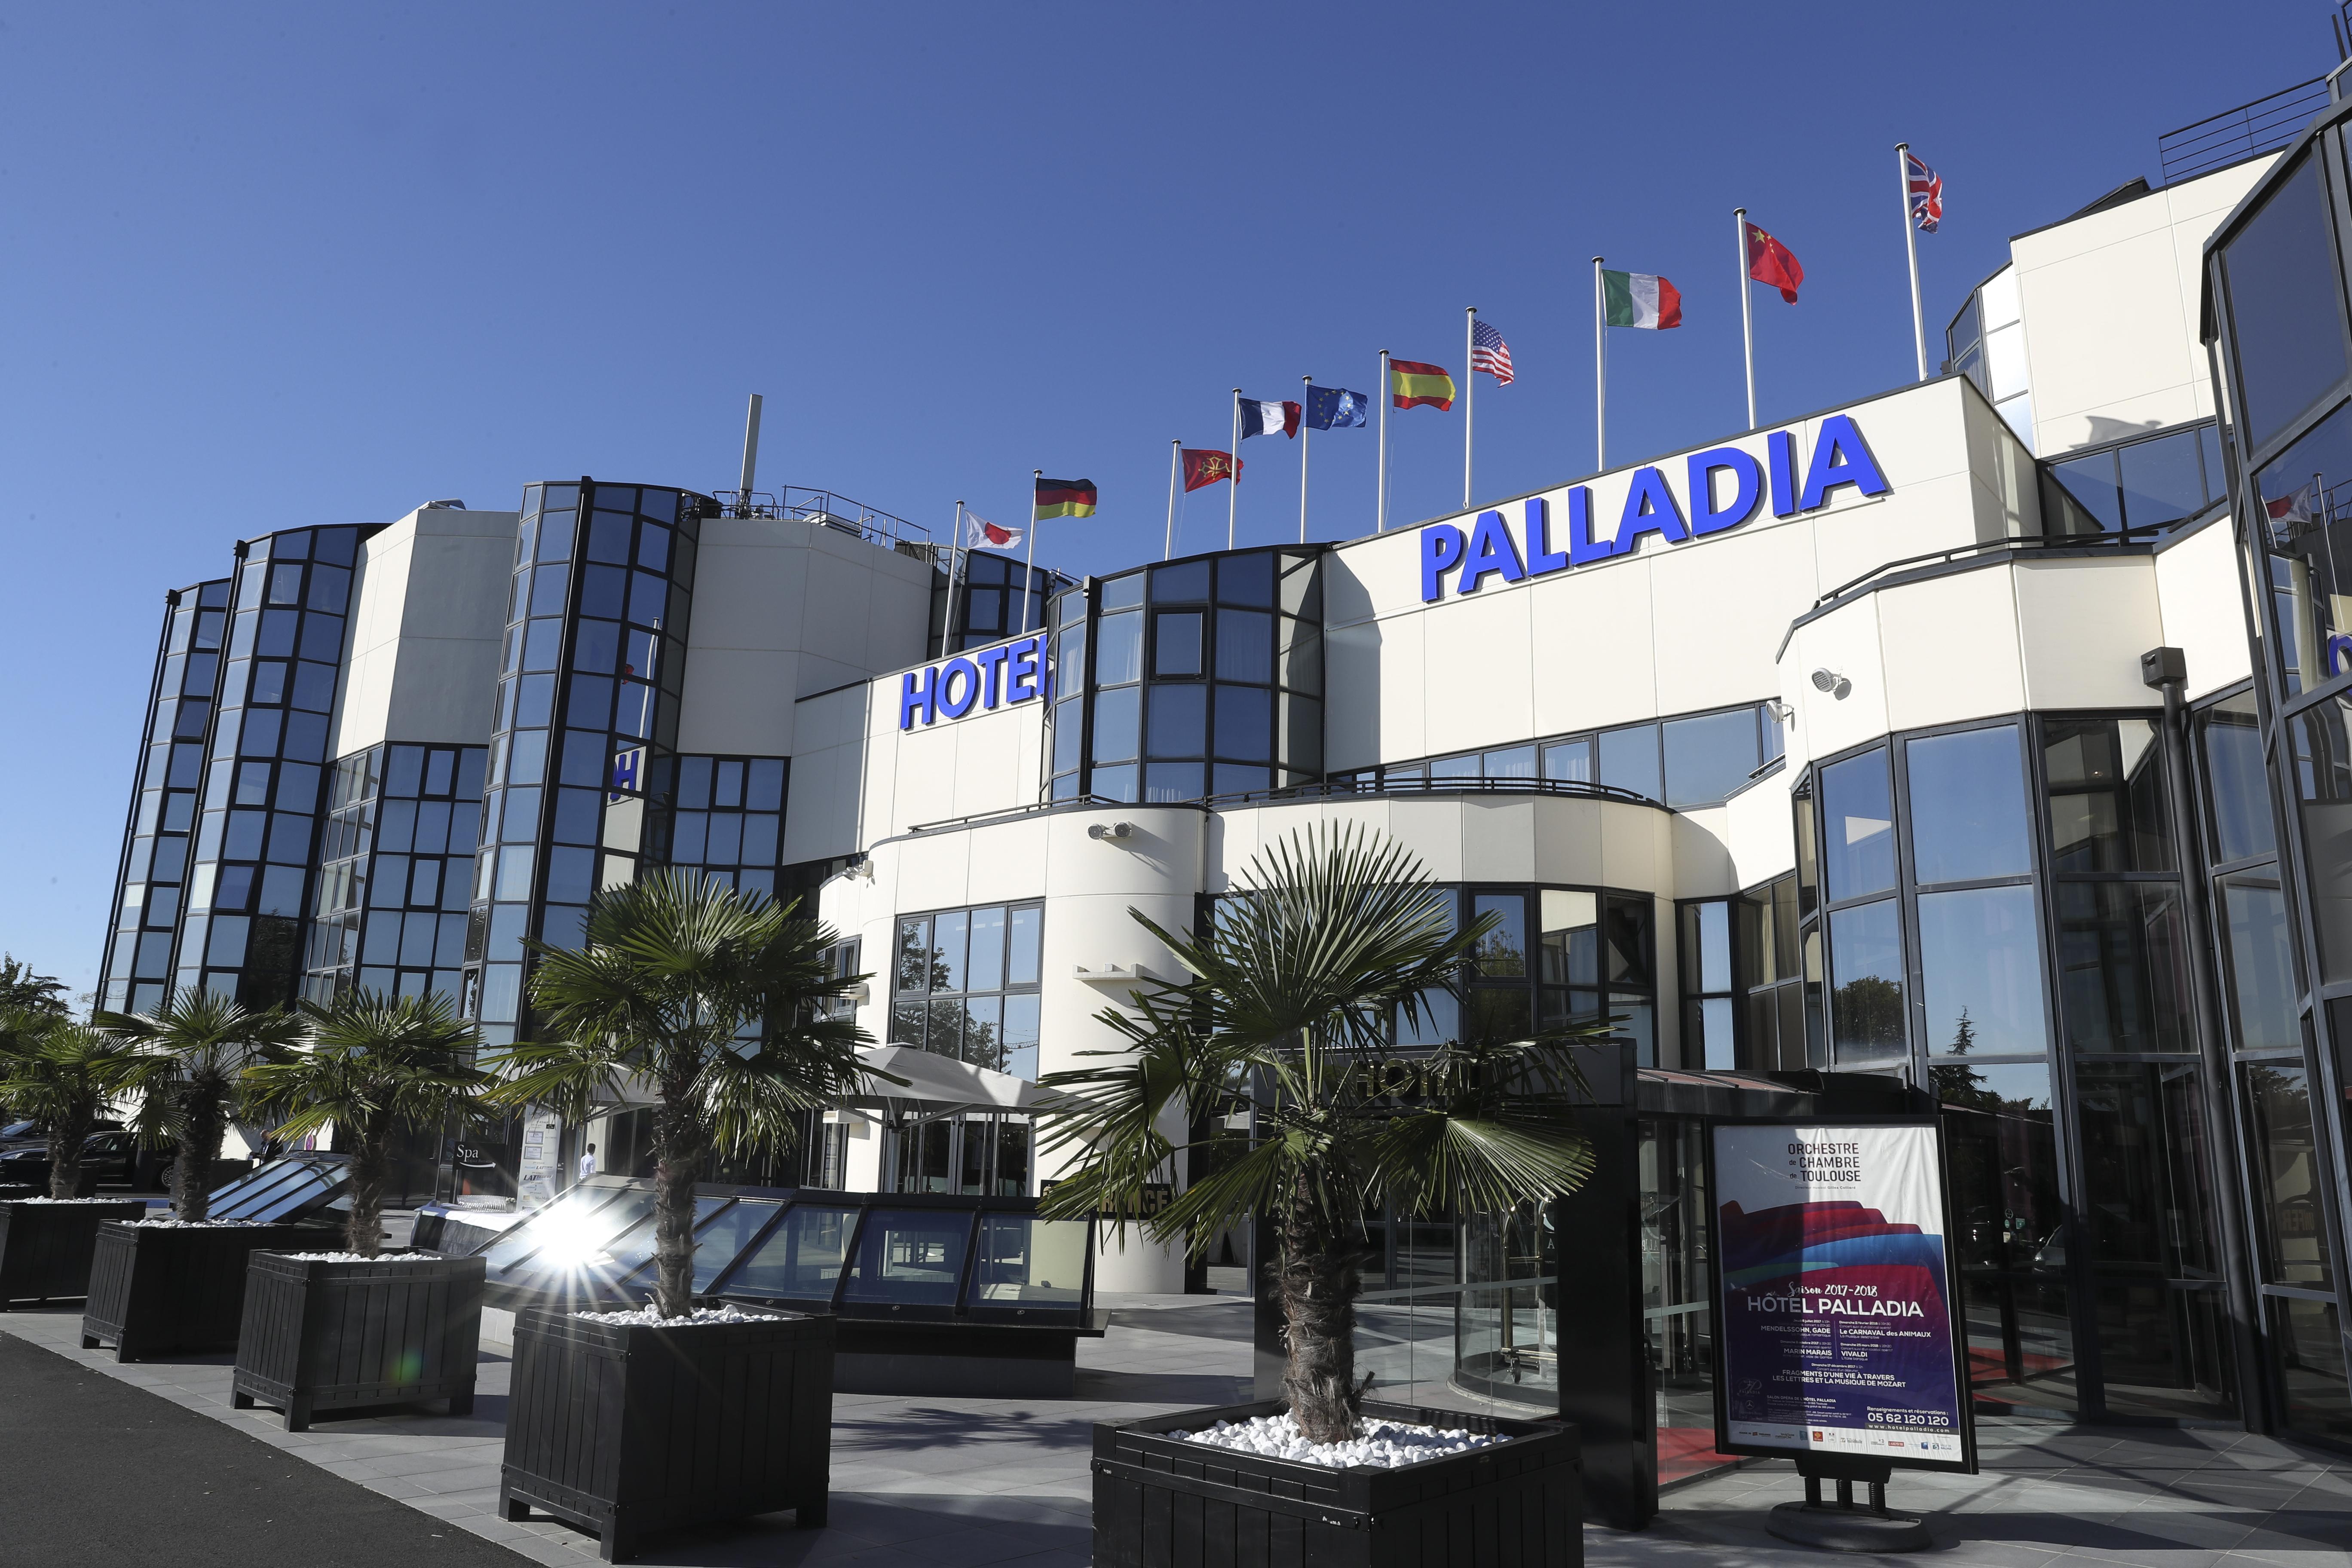 Hôtel Palladia, 90 Chambres - 16 Salles de réunion